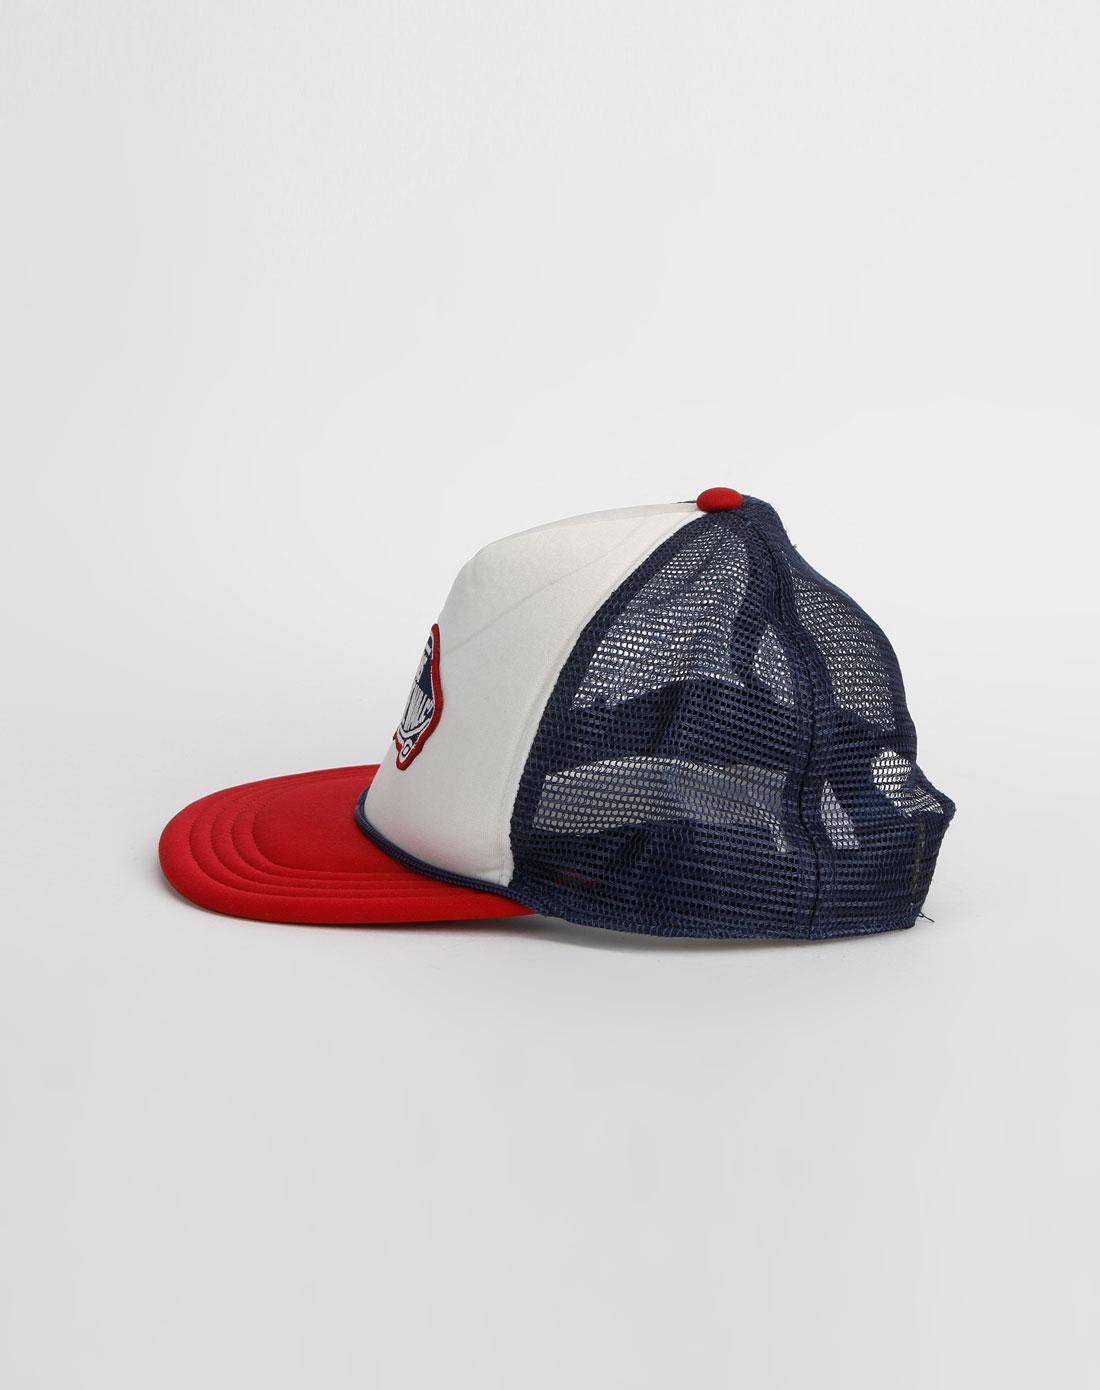 万斯vans男女男款红/蓝色鸭舌帽vn-0h2vrdb